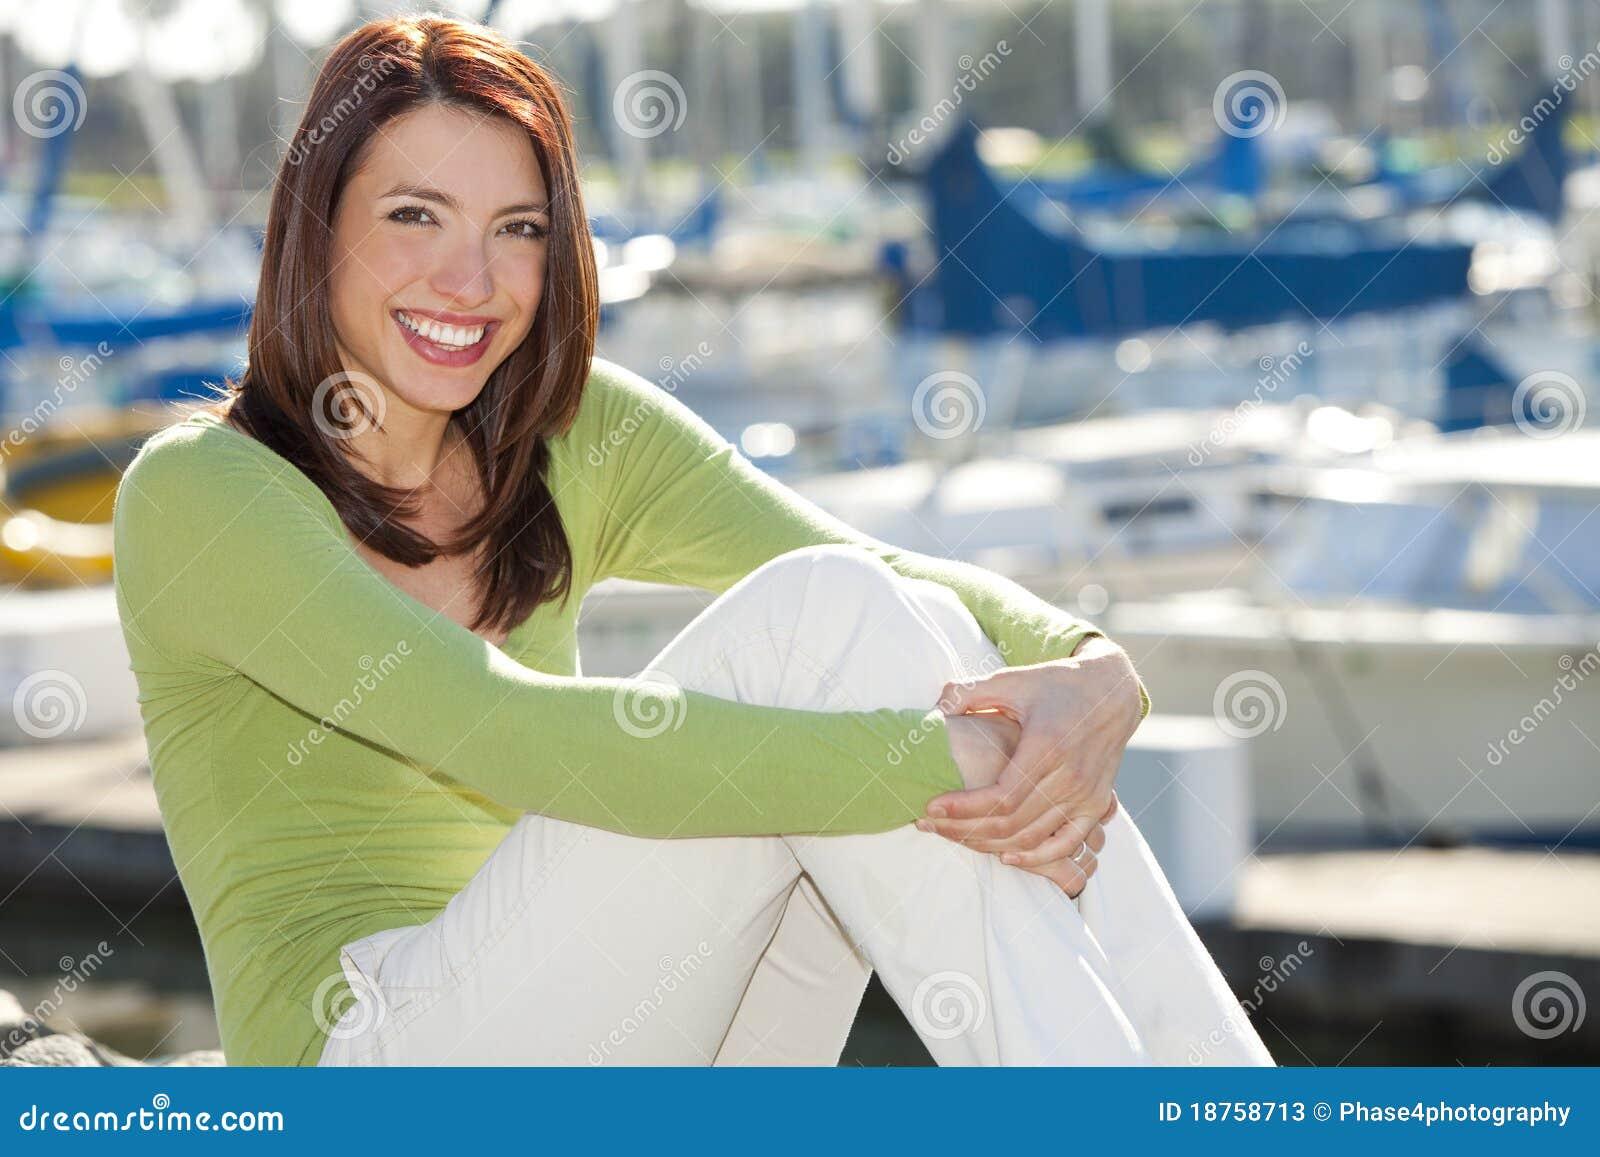 Woman harbor